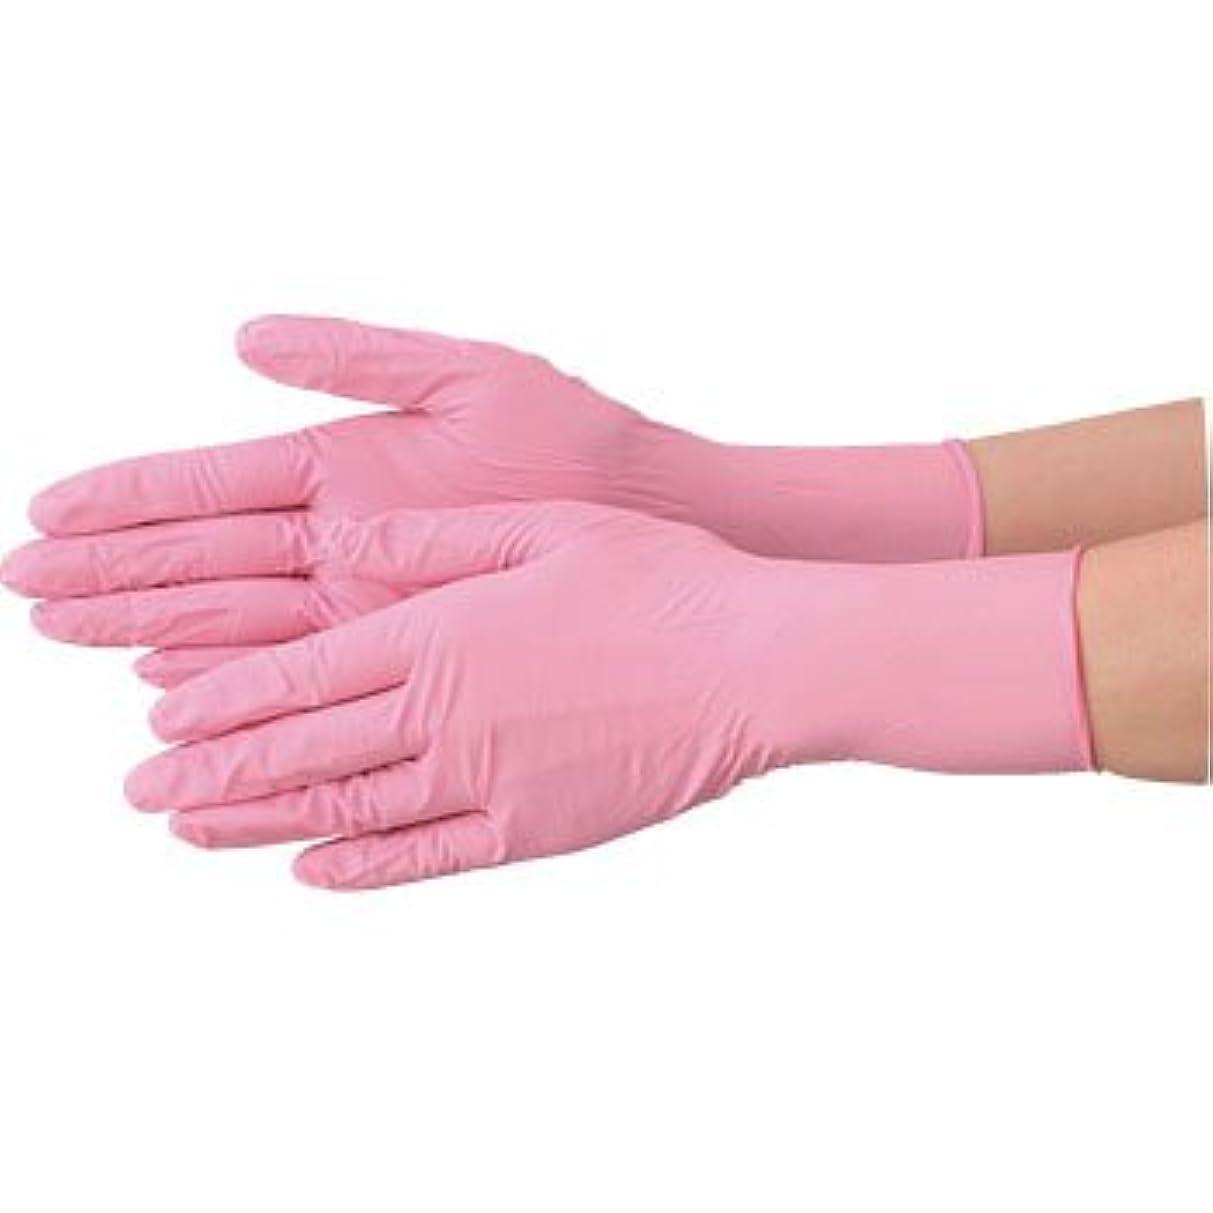 保持前奏曲助けになる使い捨て 手袋 エブノ 570 ニトリル ピンク Sサイズ パウダーフリー 2ケース(100枚×60箱)